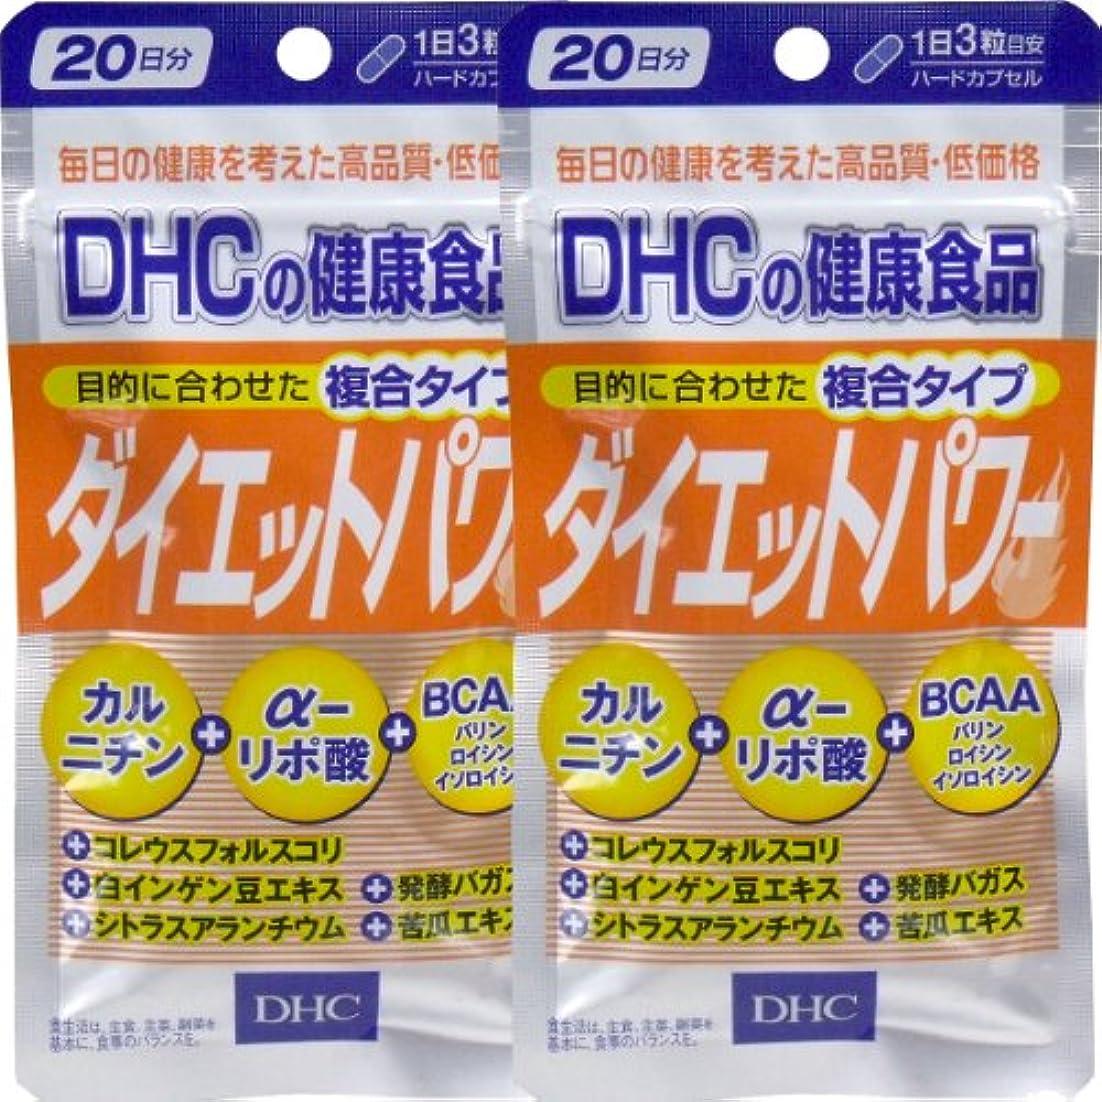 グリース健康祖母DHC ダイエットパワー 20日分 60粒 ×2個セット